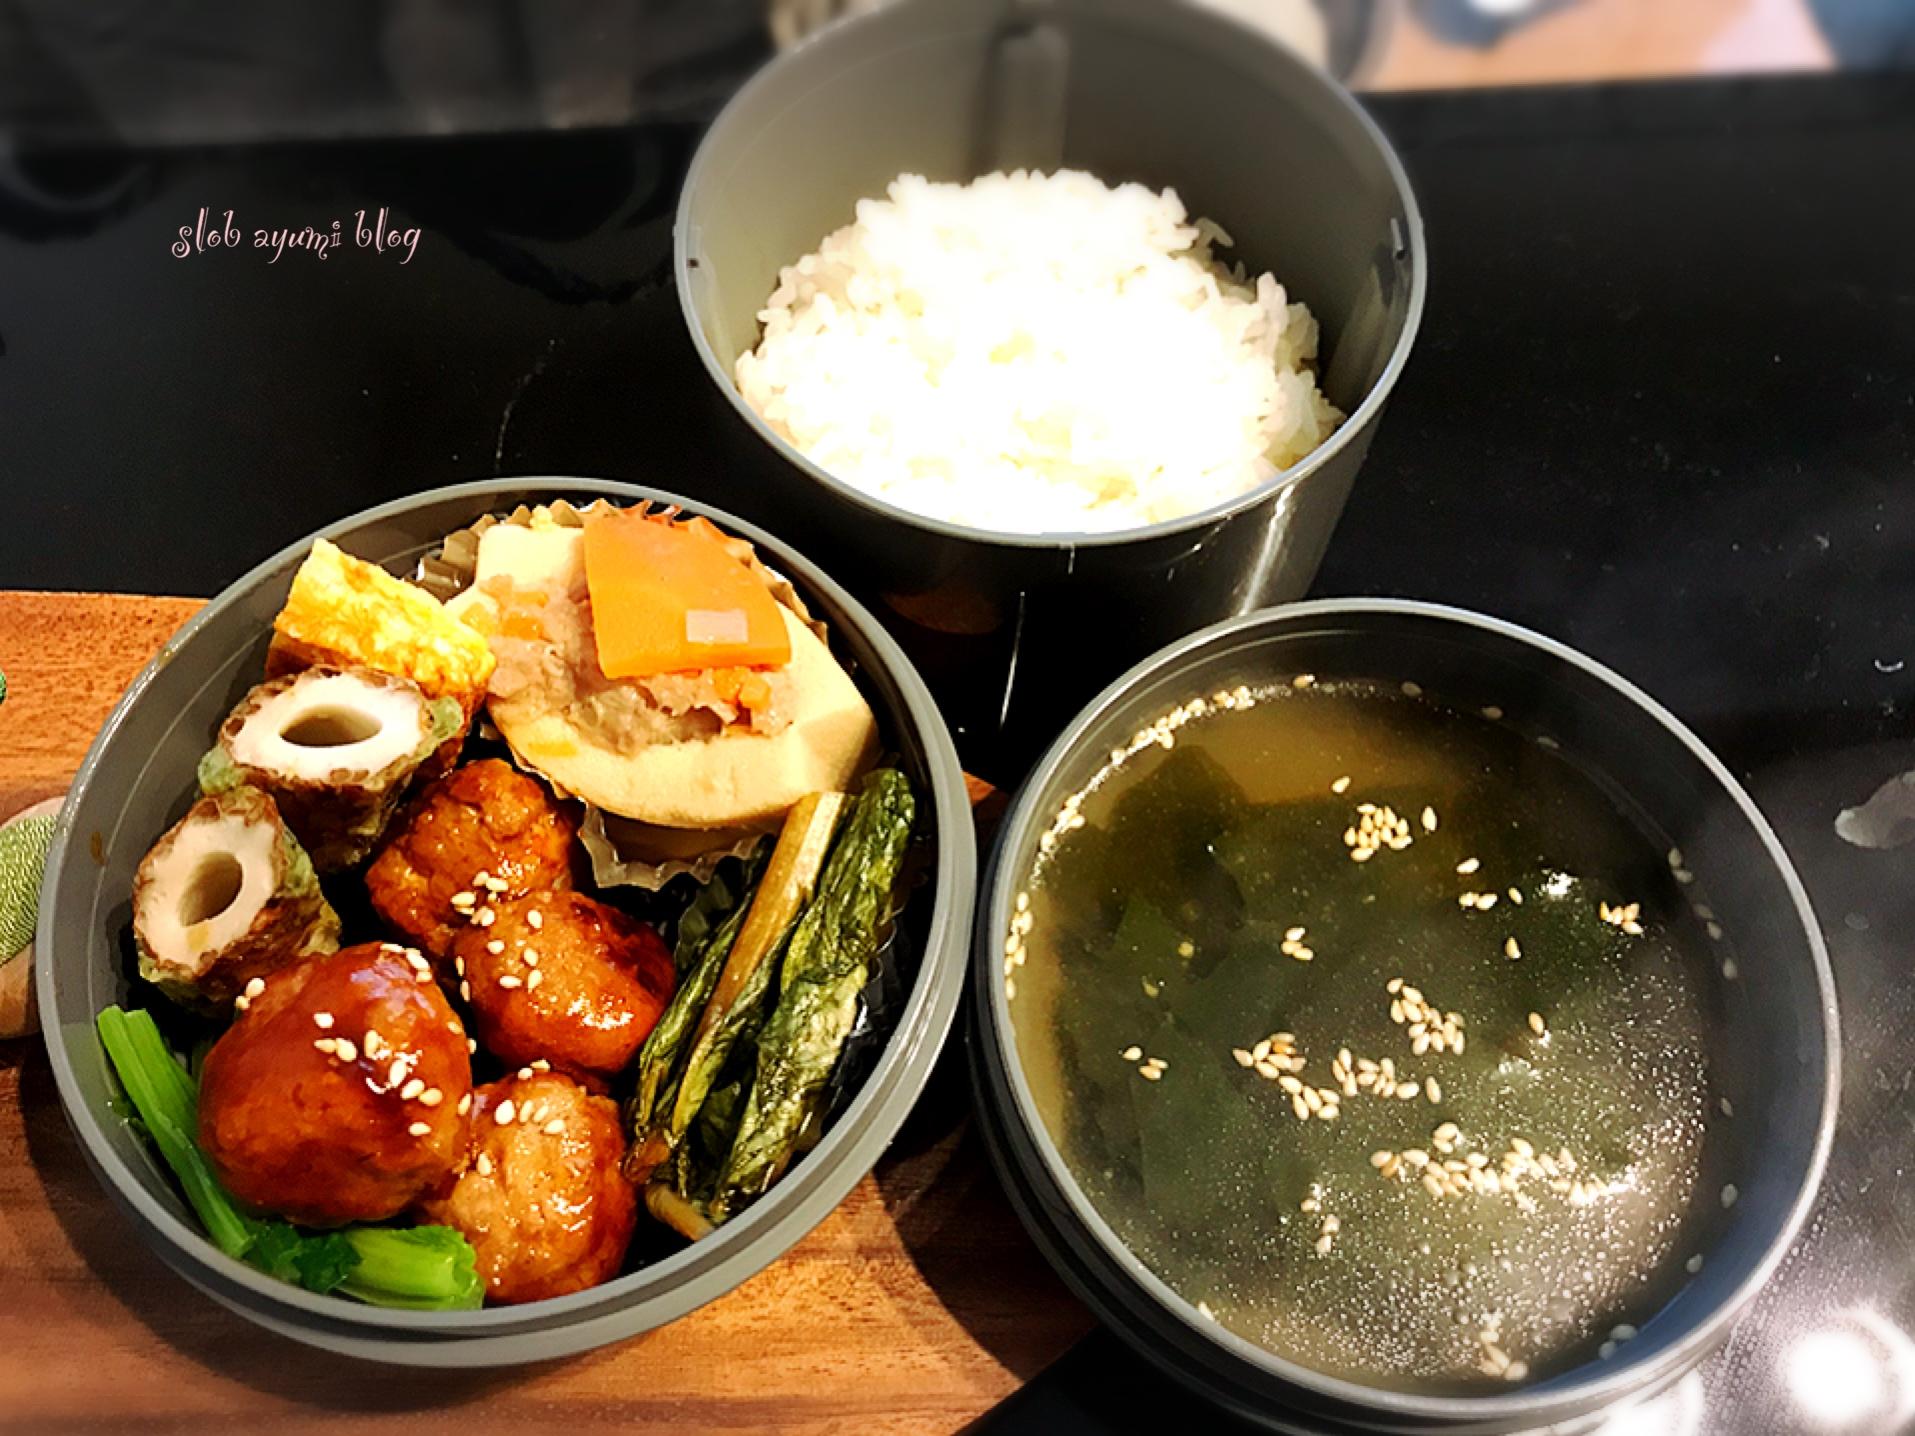 麺つゆで簡単肉団子の甘酢だれのレシピ